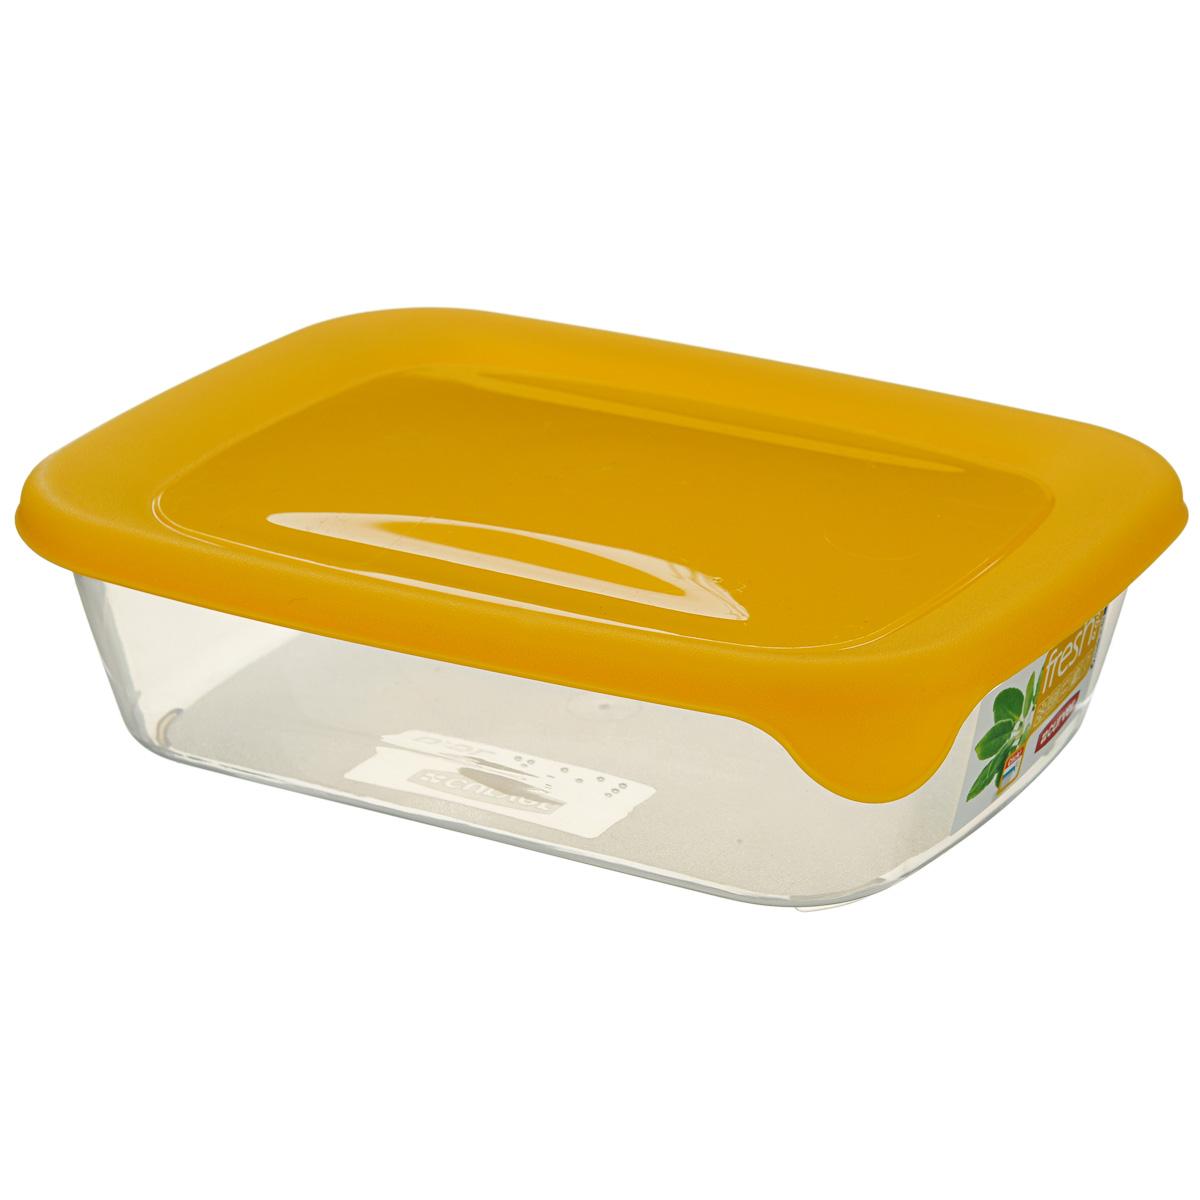 Емкость для заморозки и СВЧ Curver Fresh & Go, цвет: желтый, 1 лМ 2822Прямоугольная емкость для заморозки и СВЧ Curver Fresh & Go изготовлена из высококачественного пищевого пластика (BPA free), который выдерживает температуру от -40°С до +100°С. Стенки емкости прозрачные, а крышка цветная. Она плотно закрывается, дольше сохраняя продукты свежими и вкусными. Емкость удобно брать с собой на работу, учебу, пикник или просто использовать для хранения пищи в холодильнике. Можно использовать в микроволновой печи и для заморозки в морозильной камере. Можно мыть в посудомоечной машине.